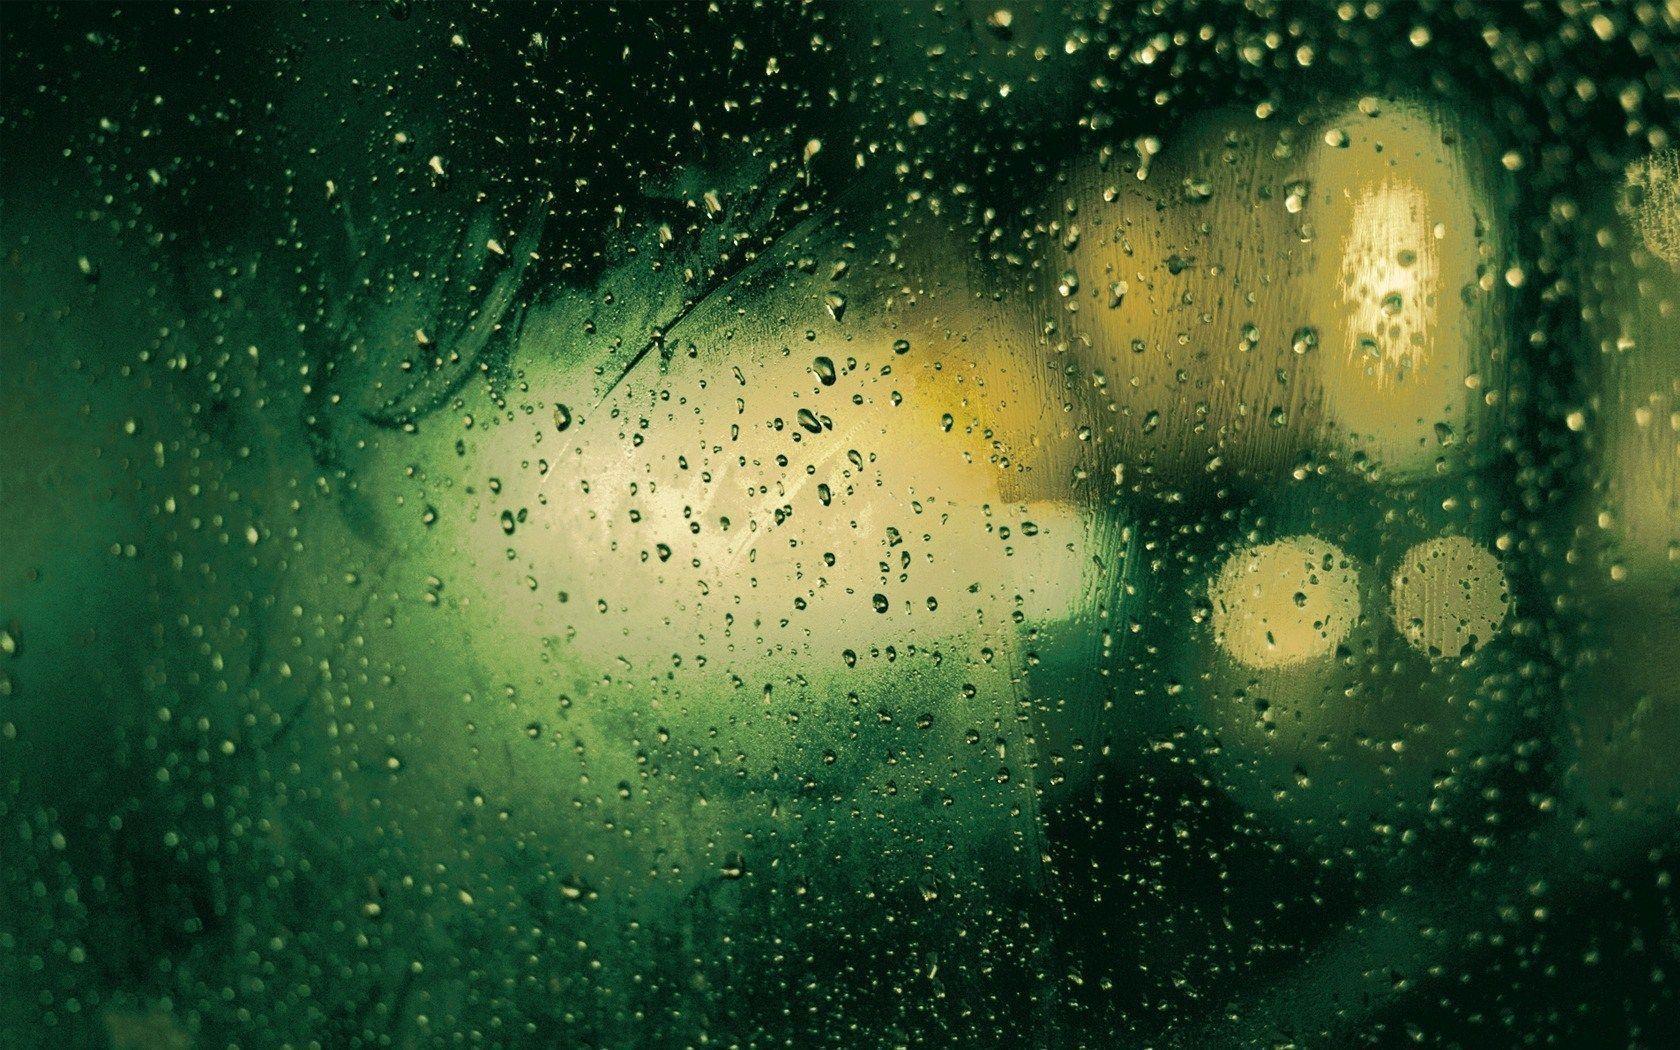 Window Rain Drops Night Lights HD Wallpaper - ZoomWalls